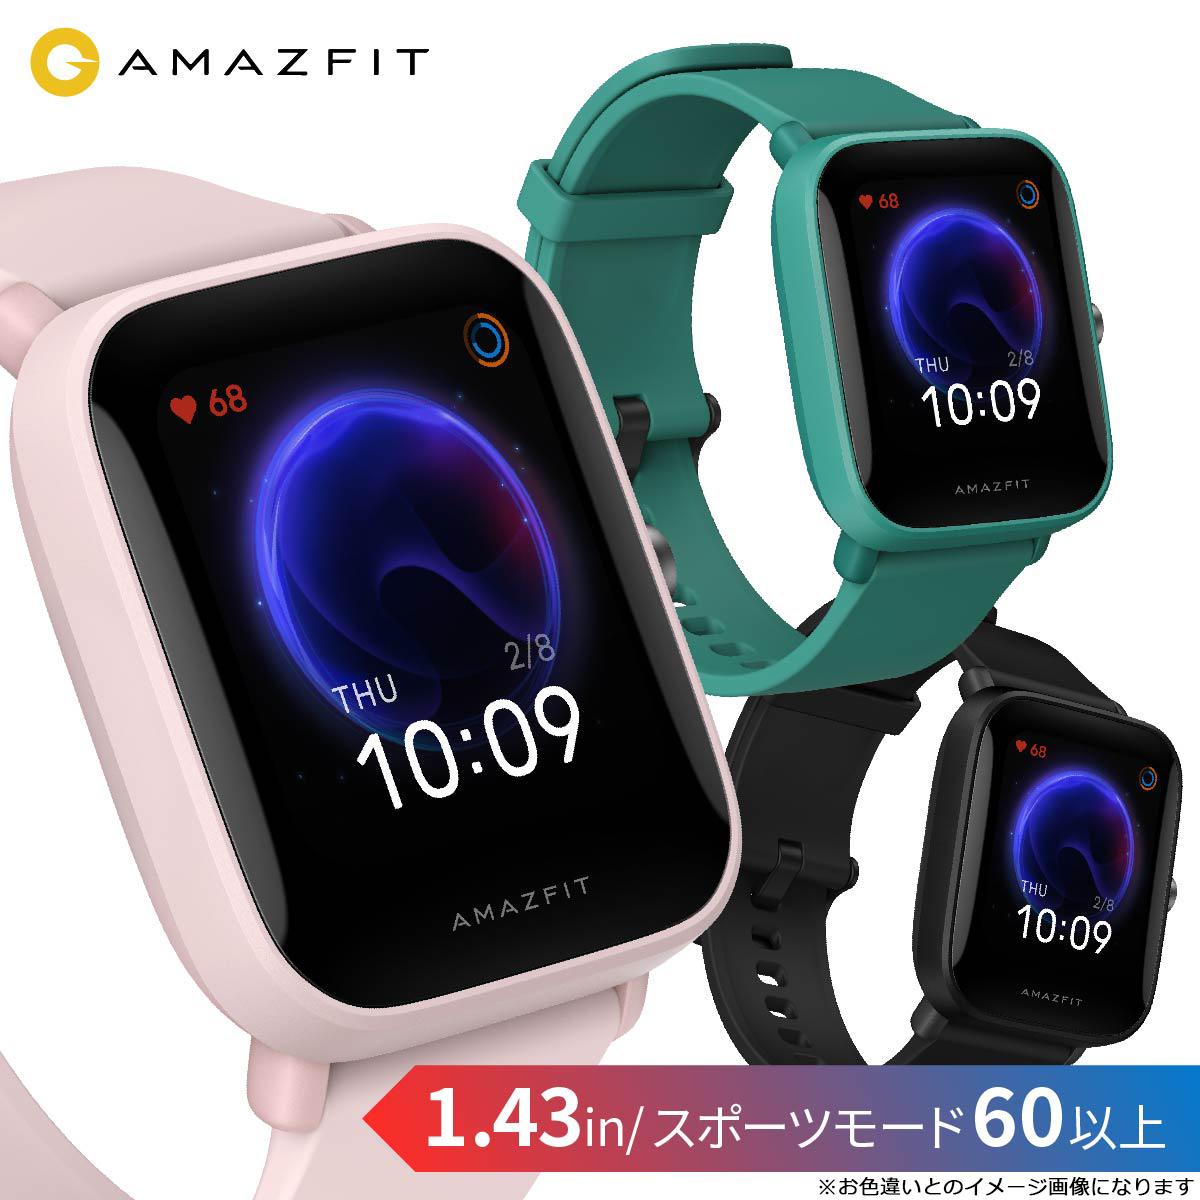 アマズフィット AMAZFIT スマートウォッチ Bip U ピンク 腕時計 メンズ レディース ウェアラブル SP170025C08